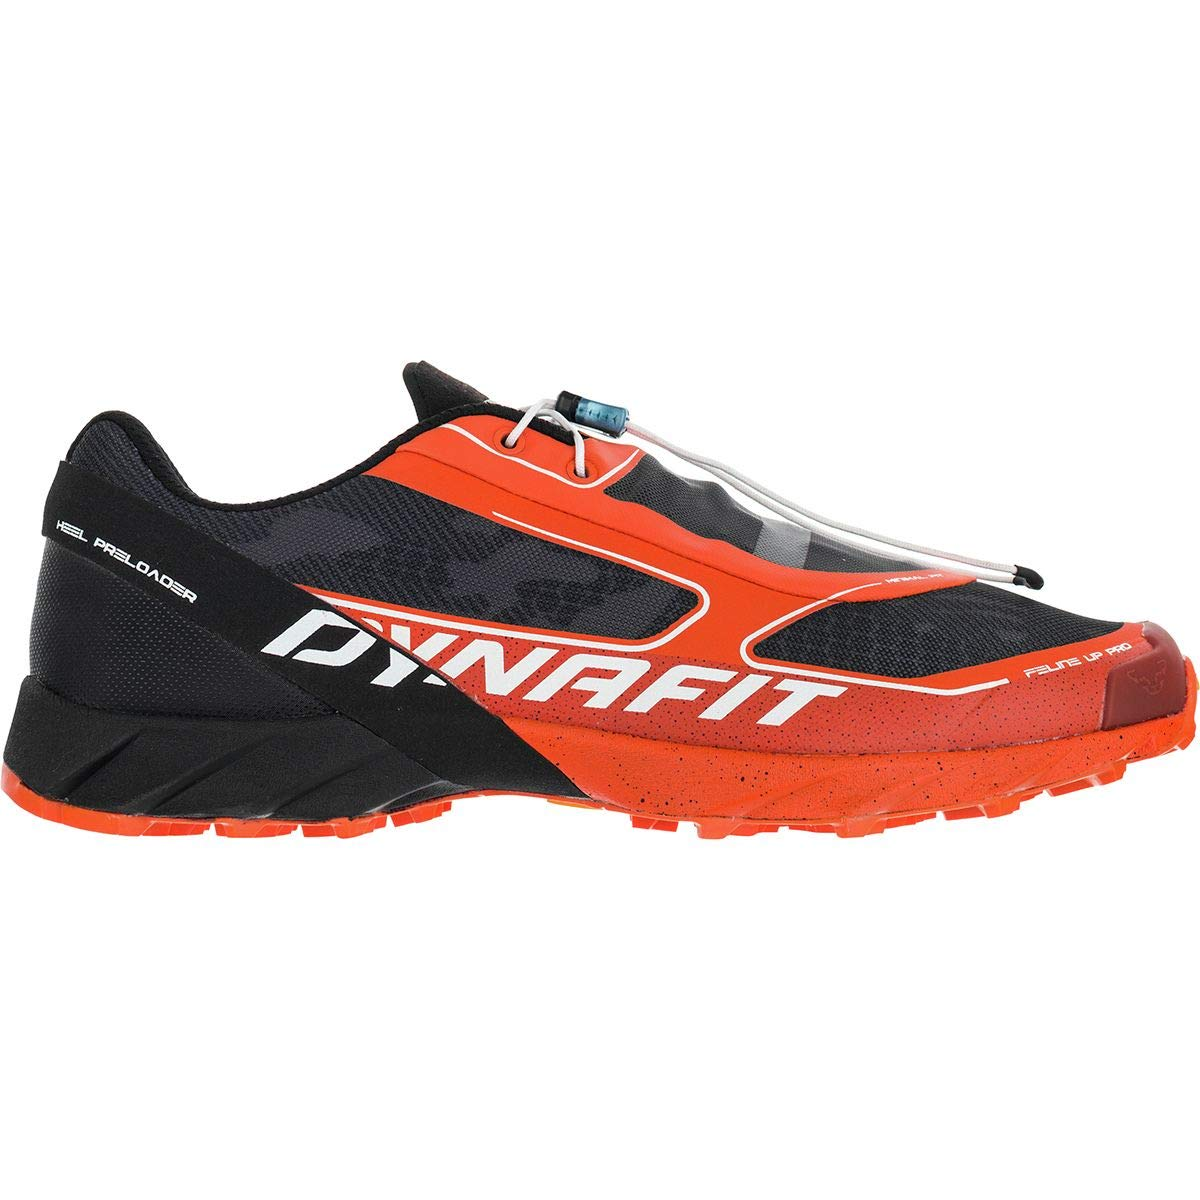 [ダイナフィット] メンズ ランニング メンズ Shoe Feline Pro Up Pro Trail Running Shoe [並行輸入品] B07P26BKD2 8.5, 広陵町:7bc9190c --- arakamlak.ir